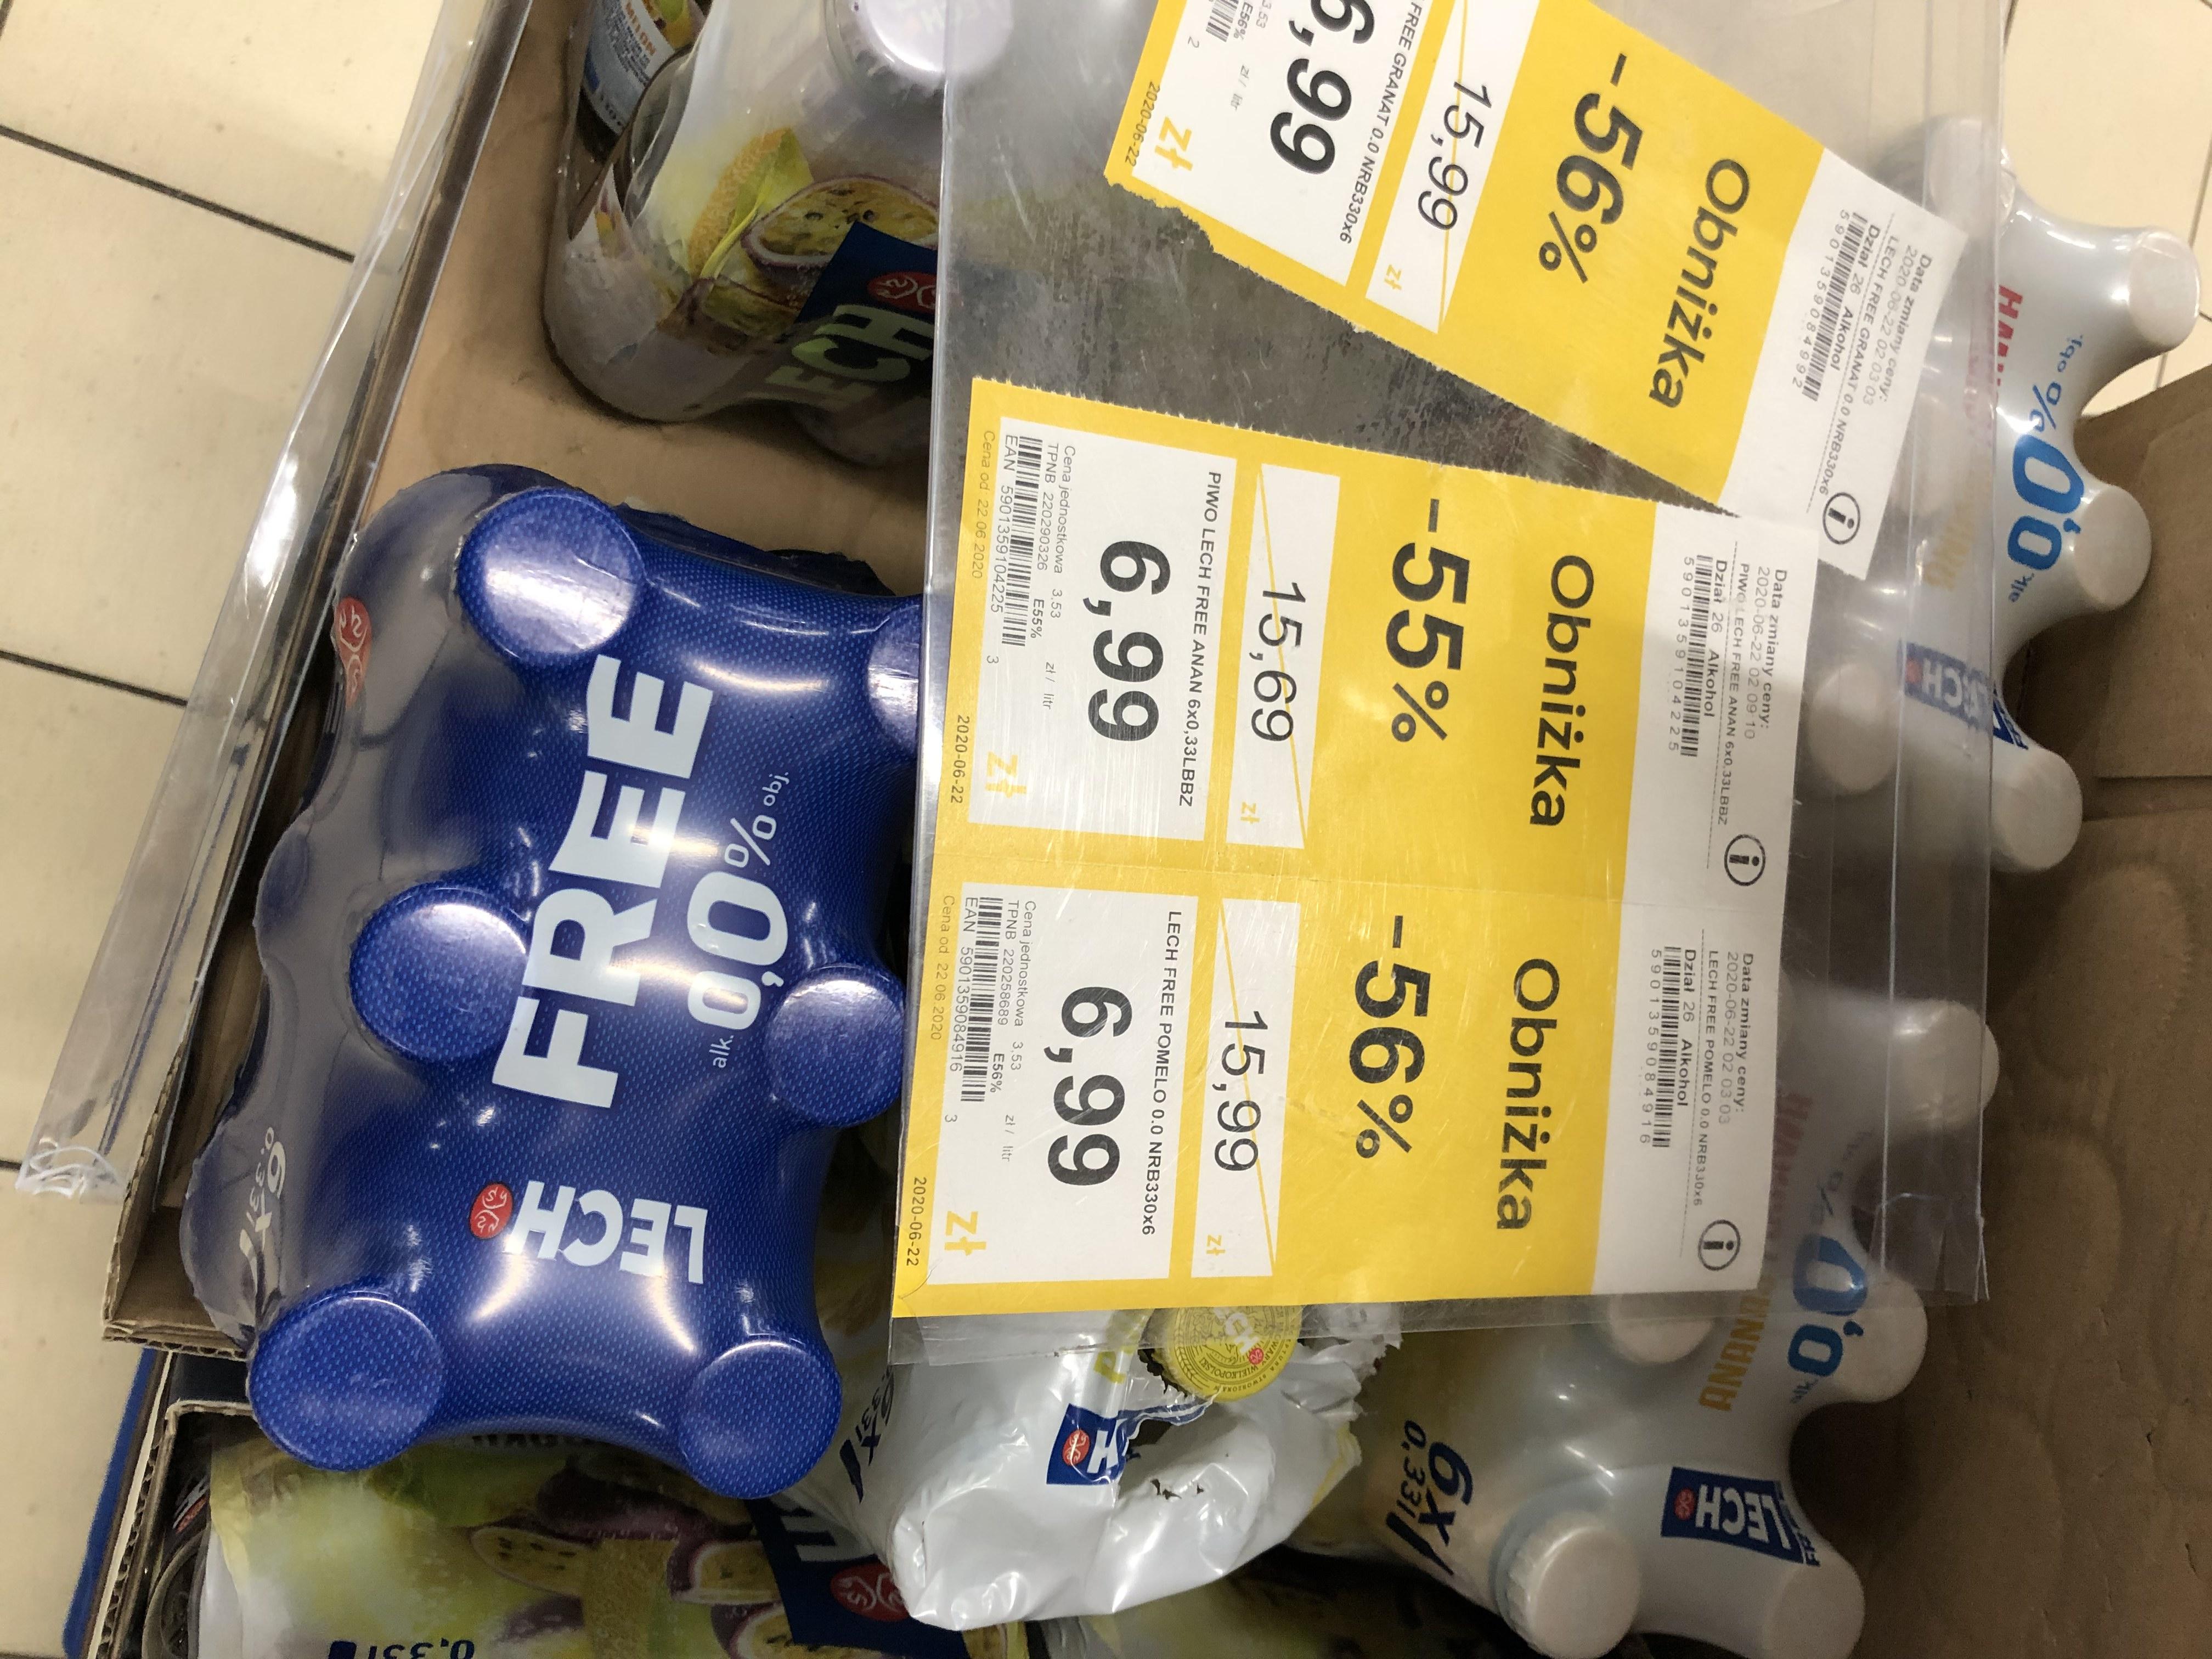 Piwo bezalkoholowe Lech free 6x0.33 za 6.99 Tesco